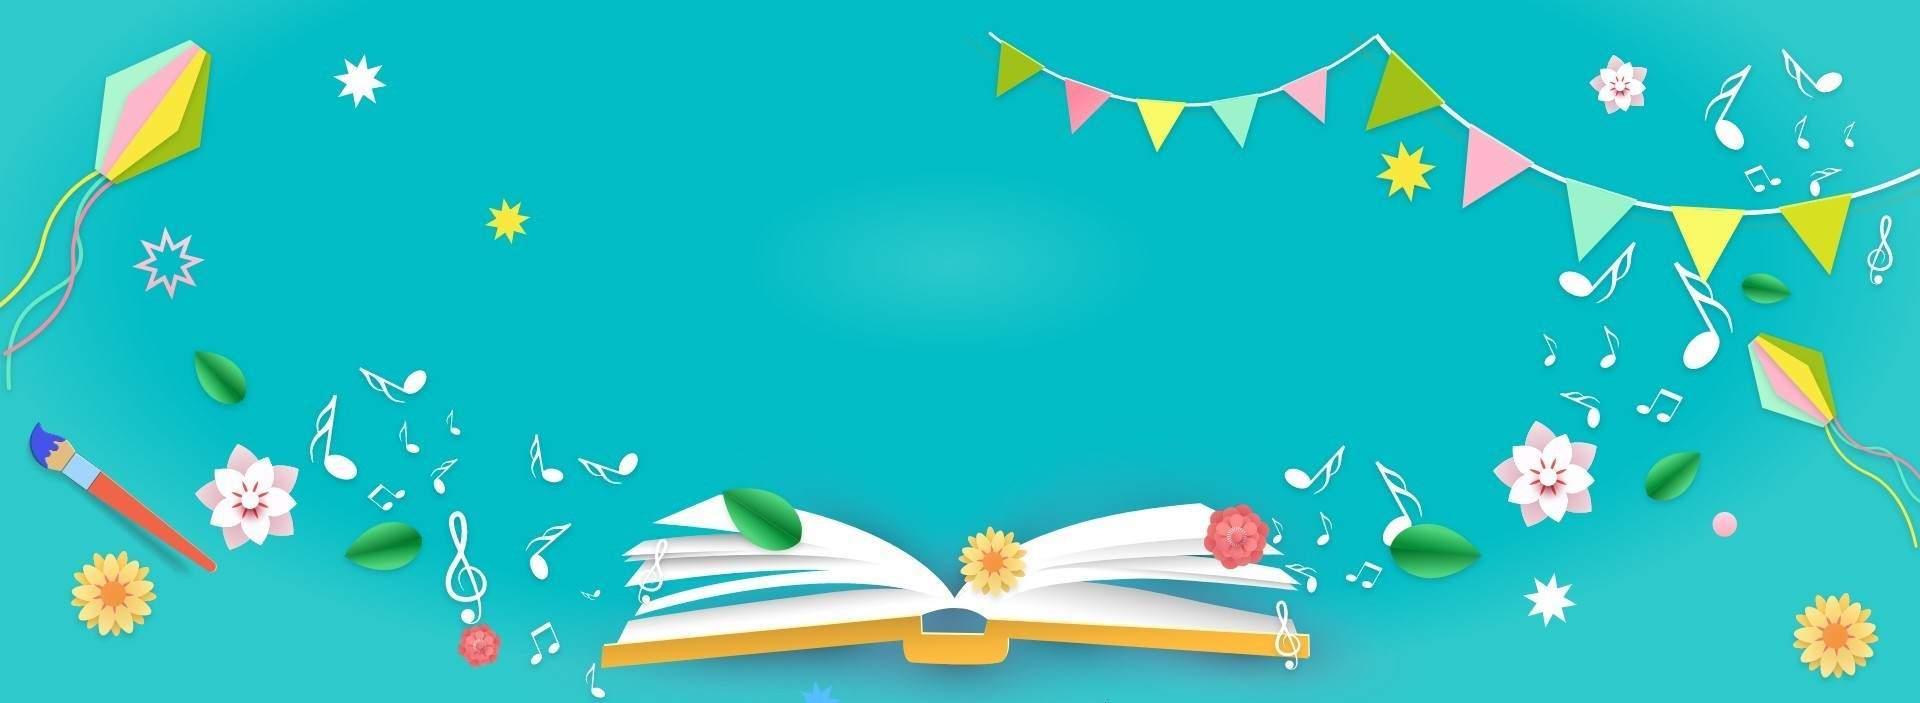 Audiolibri per bambini sulle emozioni | Libro+cd sulle emozioni